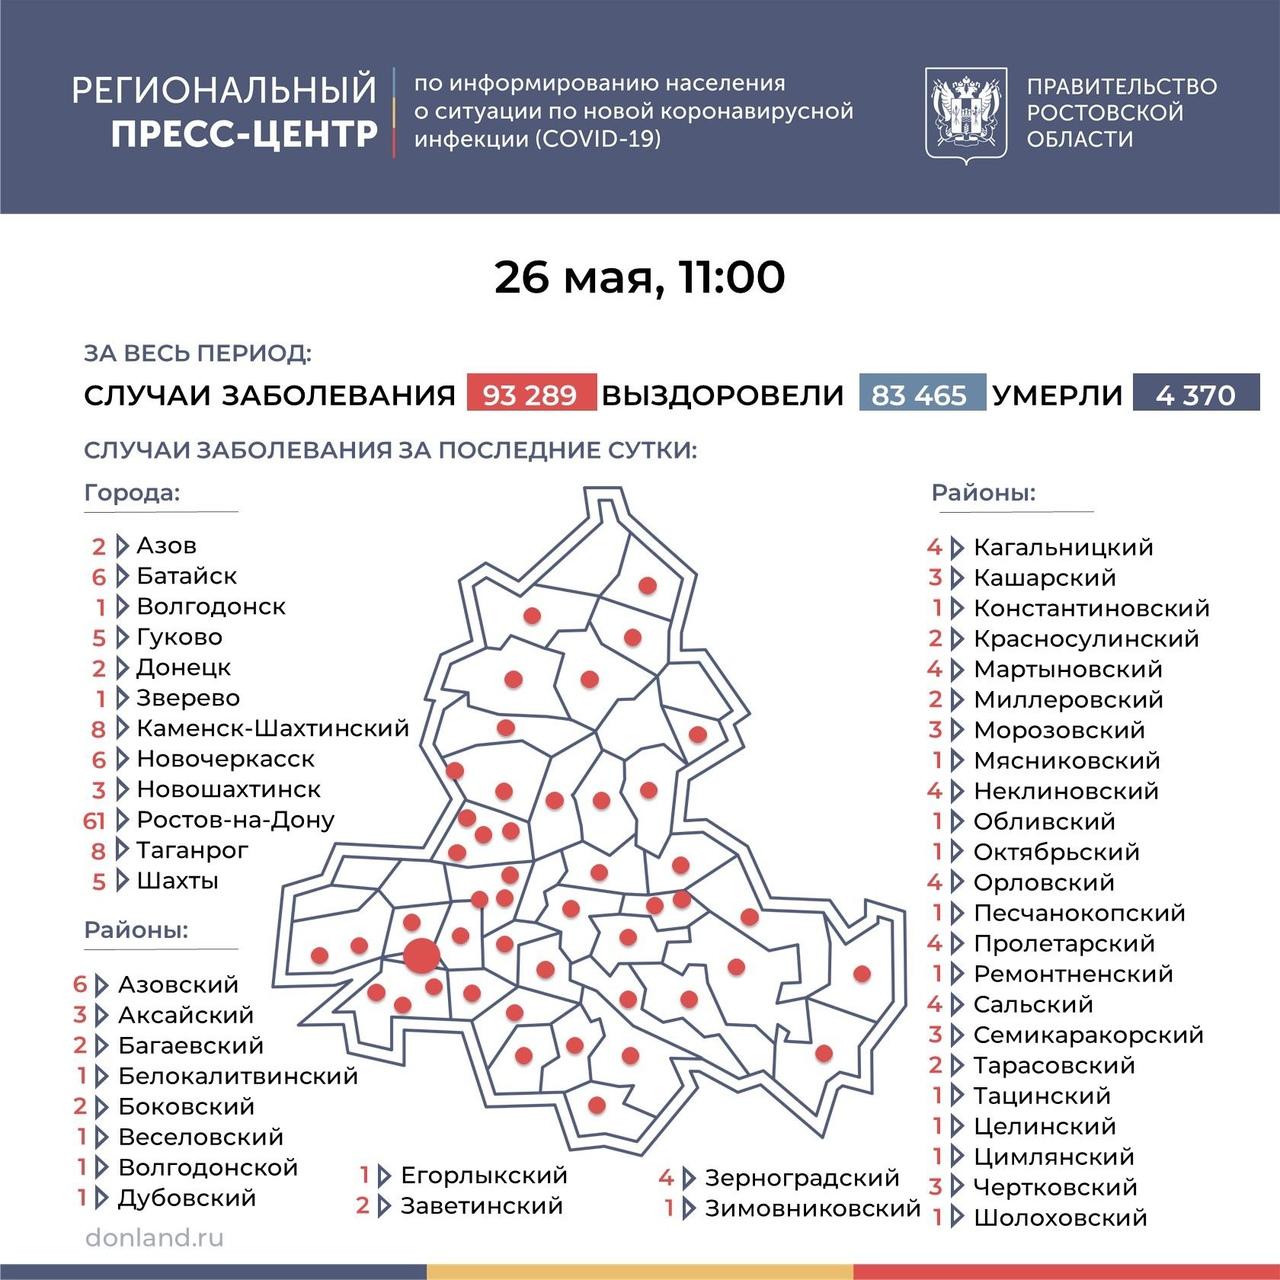 На Дону число инфицированных COVID-19 составляет 185, в Таганроге 8 новых случаев